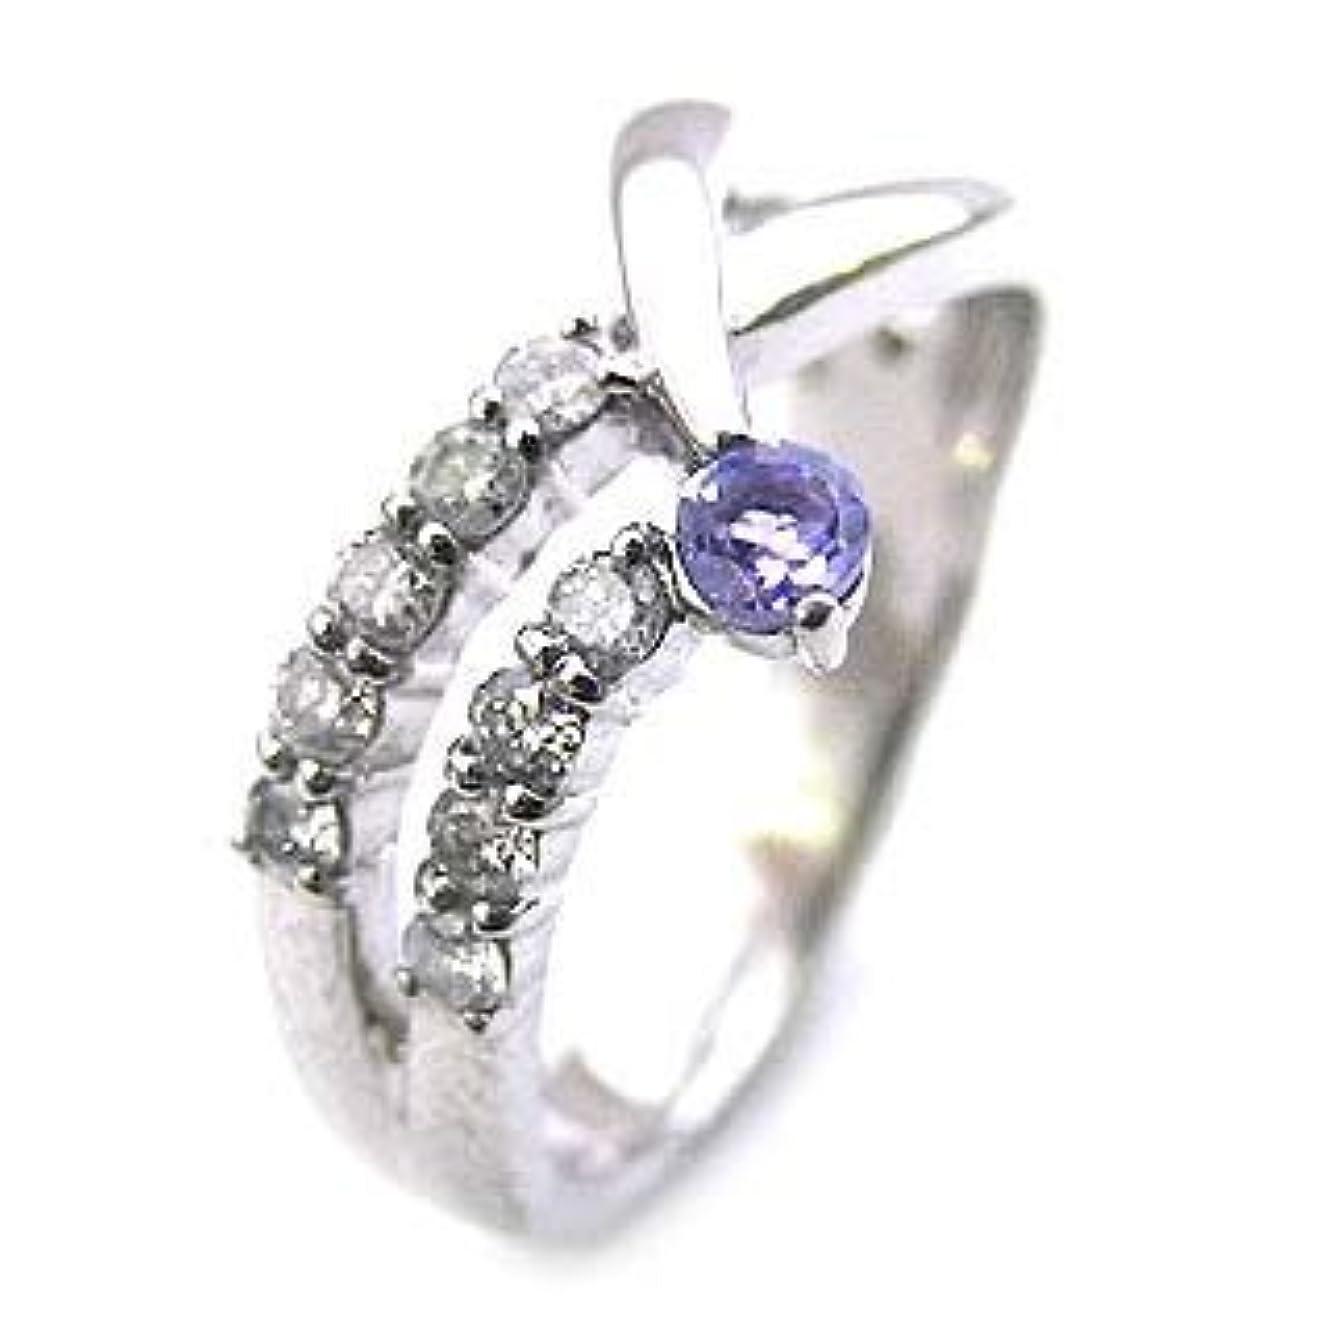 あいまいサイレン手荷物10個のダイヤモンドで記念 プラチナ タンザナイト?ダイヤモンドリング #14